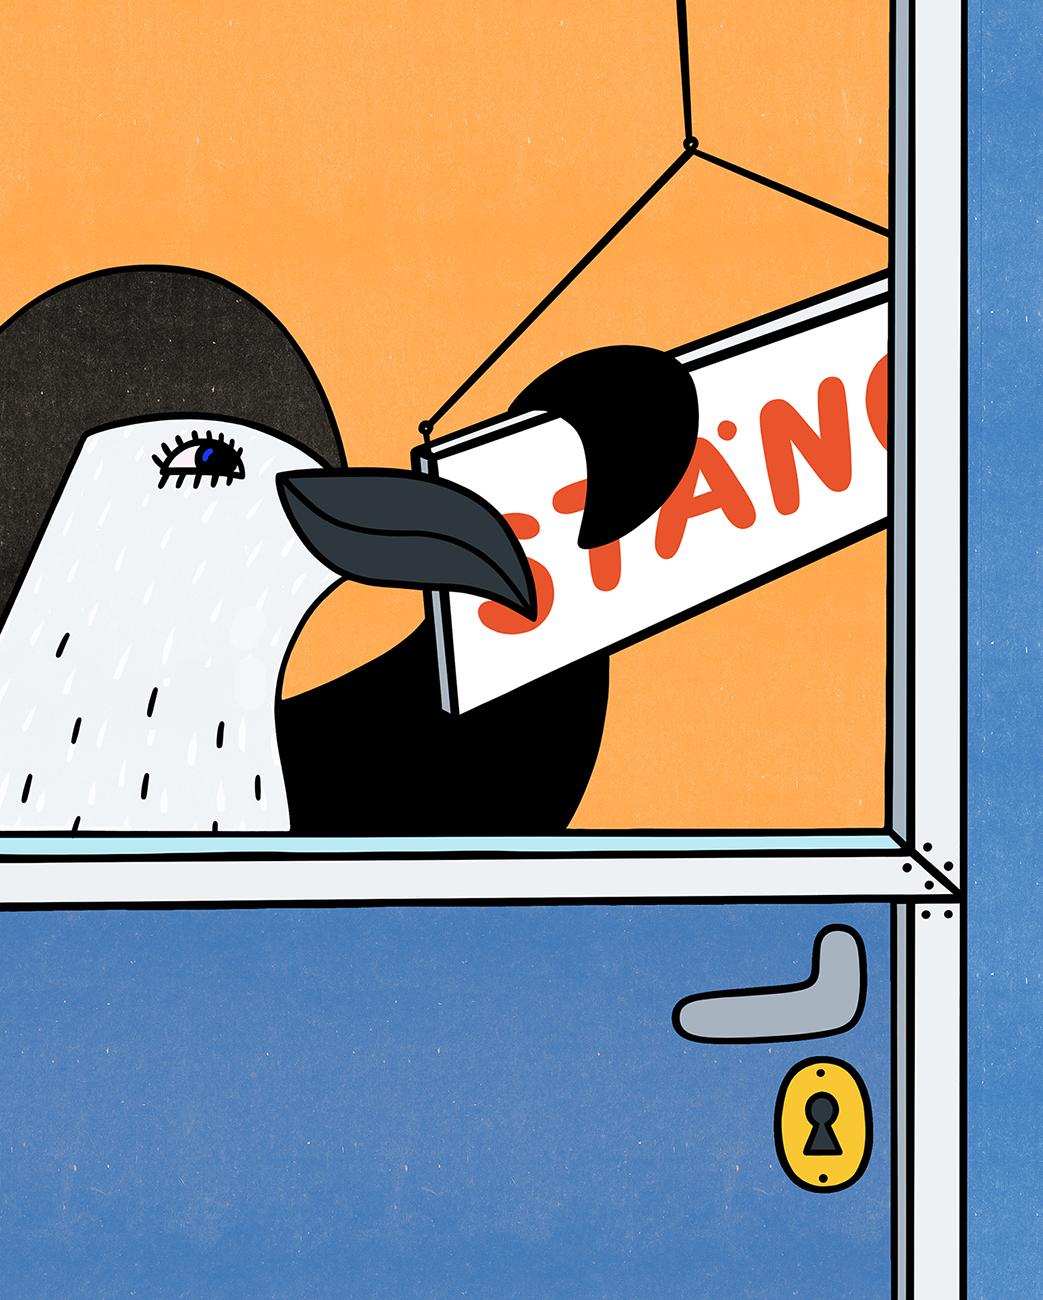 Pingvin Stänger.jpg